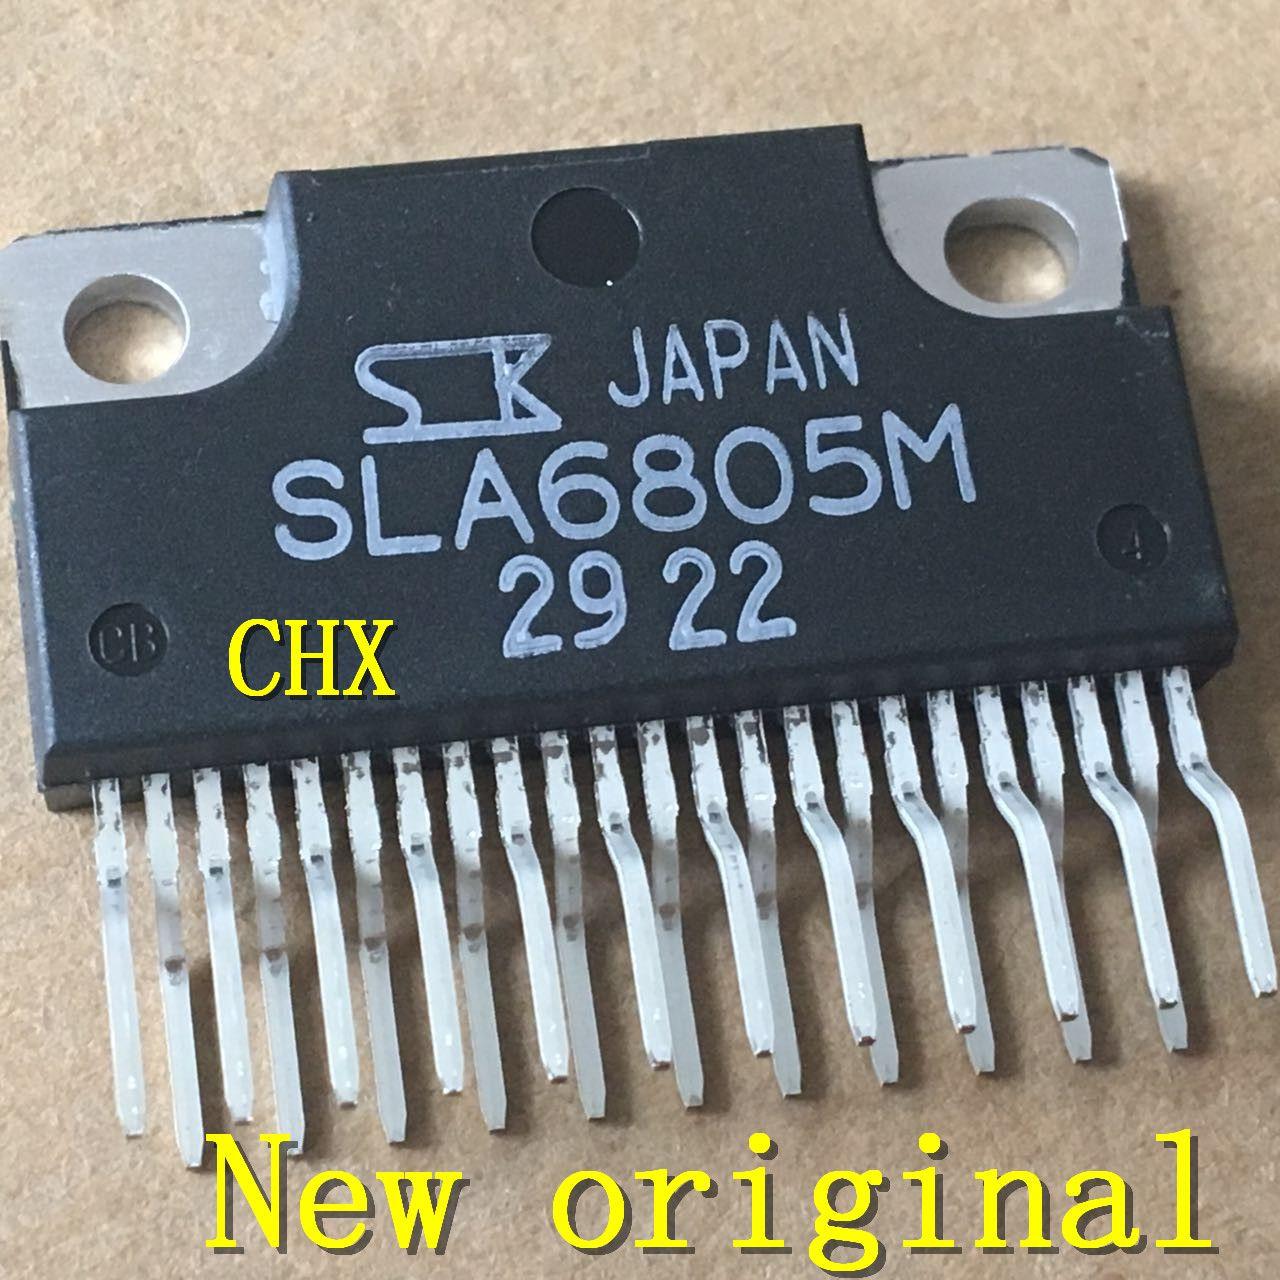 5 teile / los SLA6805M = SLA6805MP SLA6805 Neue original Motor driver modul 600 V 3A Die spülmaschine waschmaschine Qualitätssicherung IC